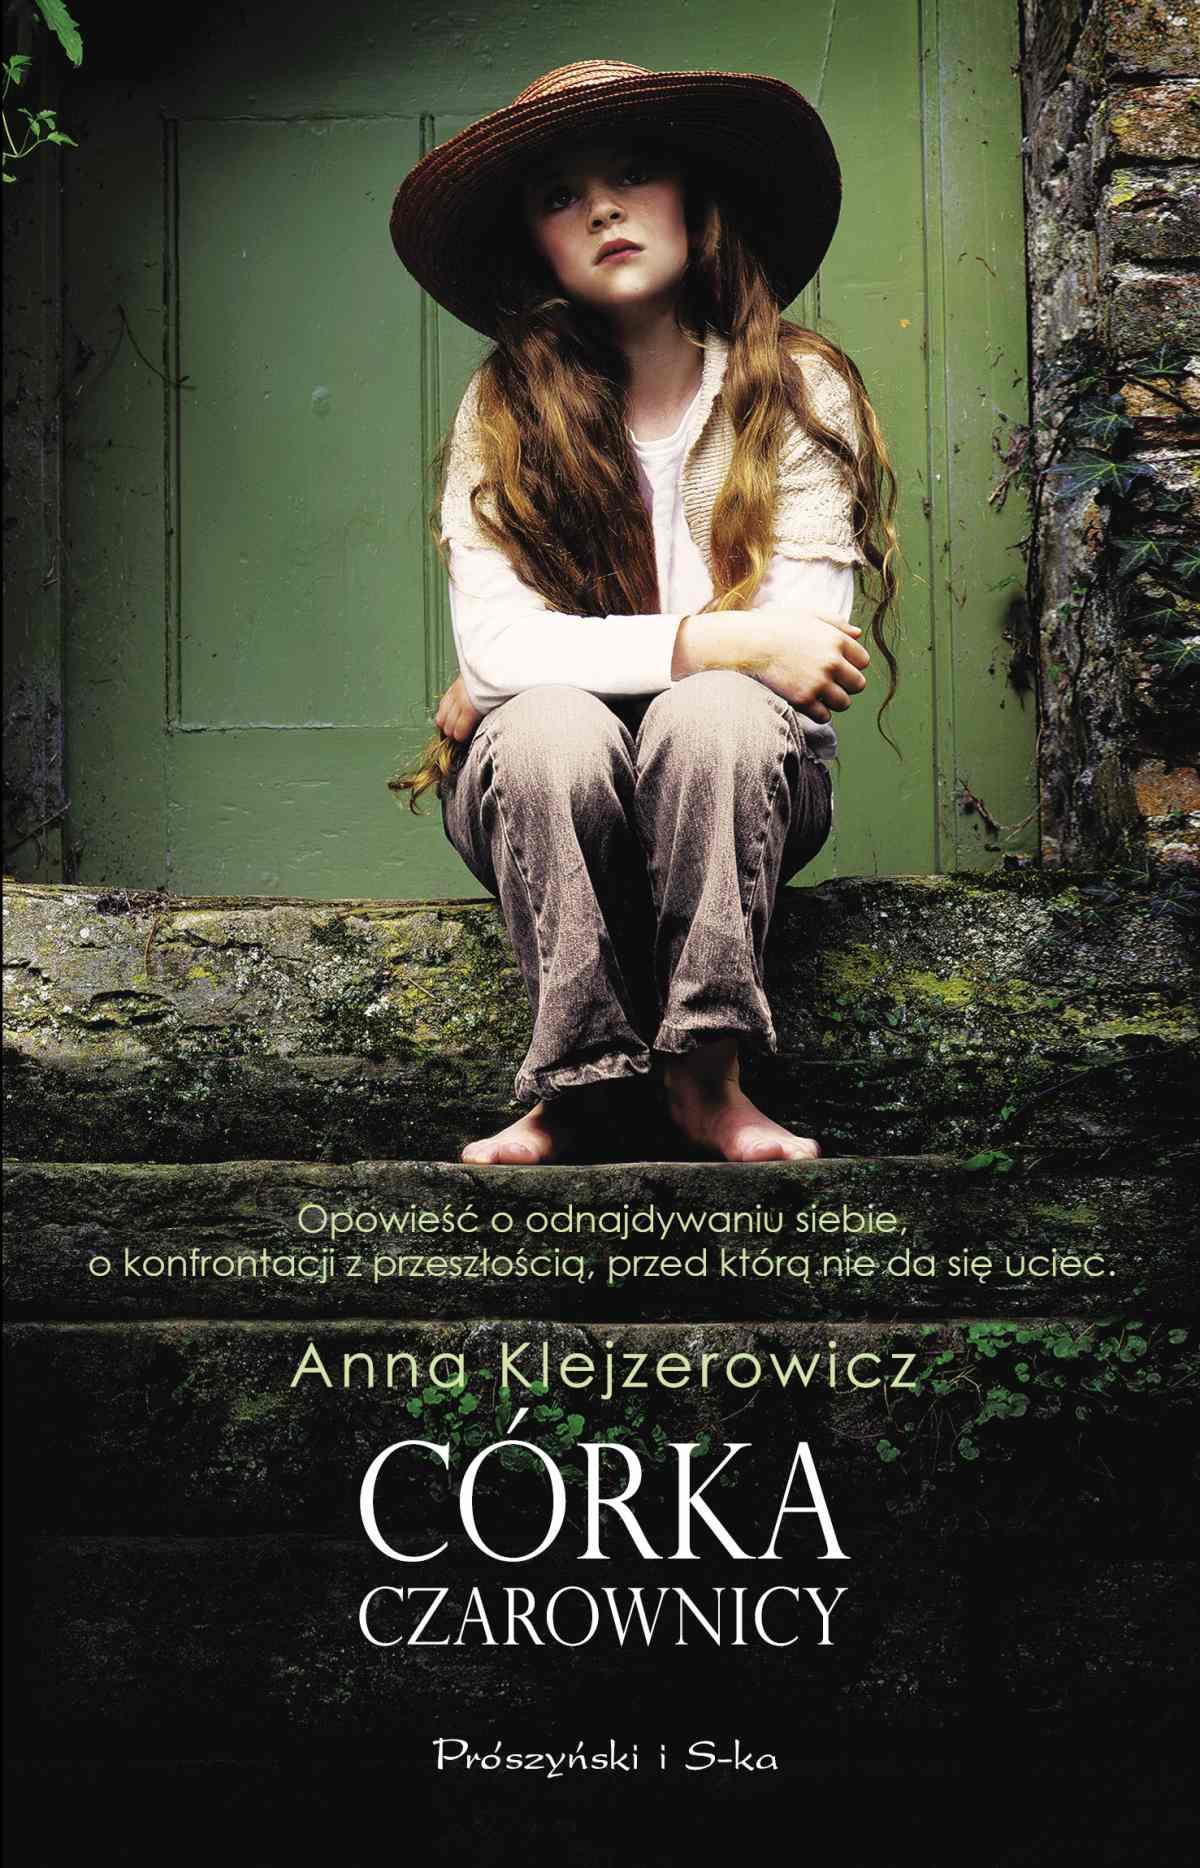 Córka czarownicy - Ebook (Książka na Kindle) do pobrania w formacie MOBI